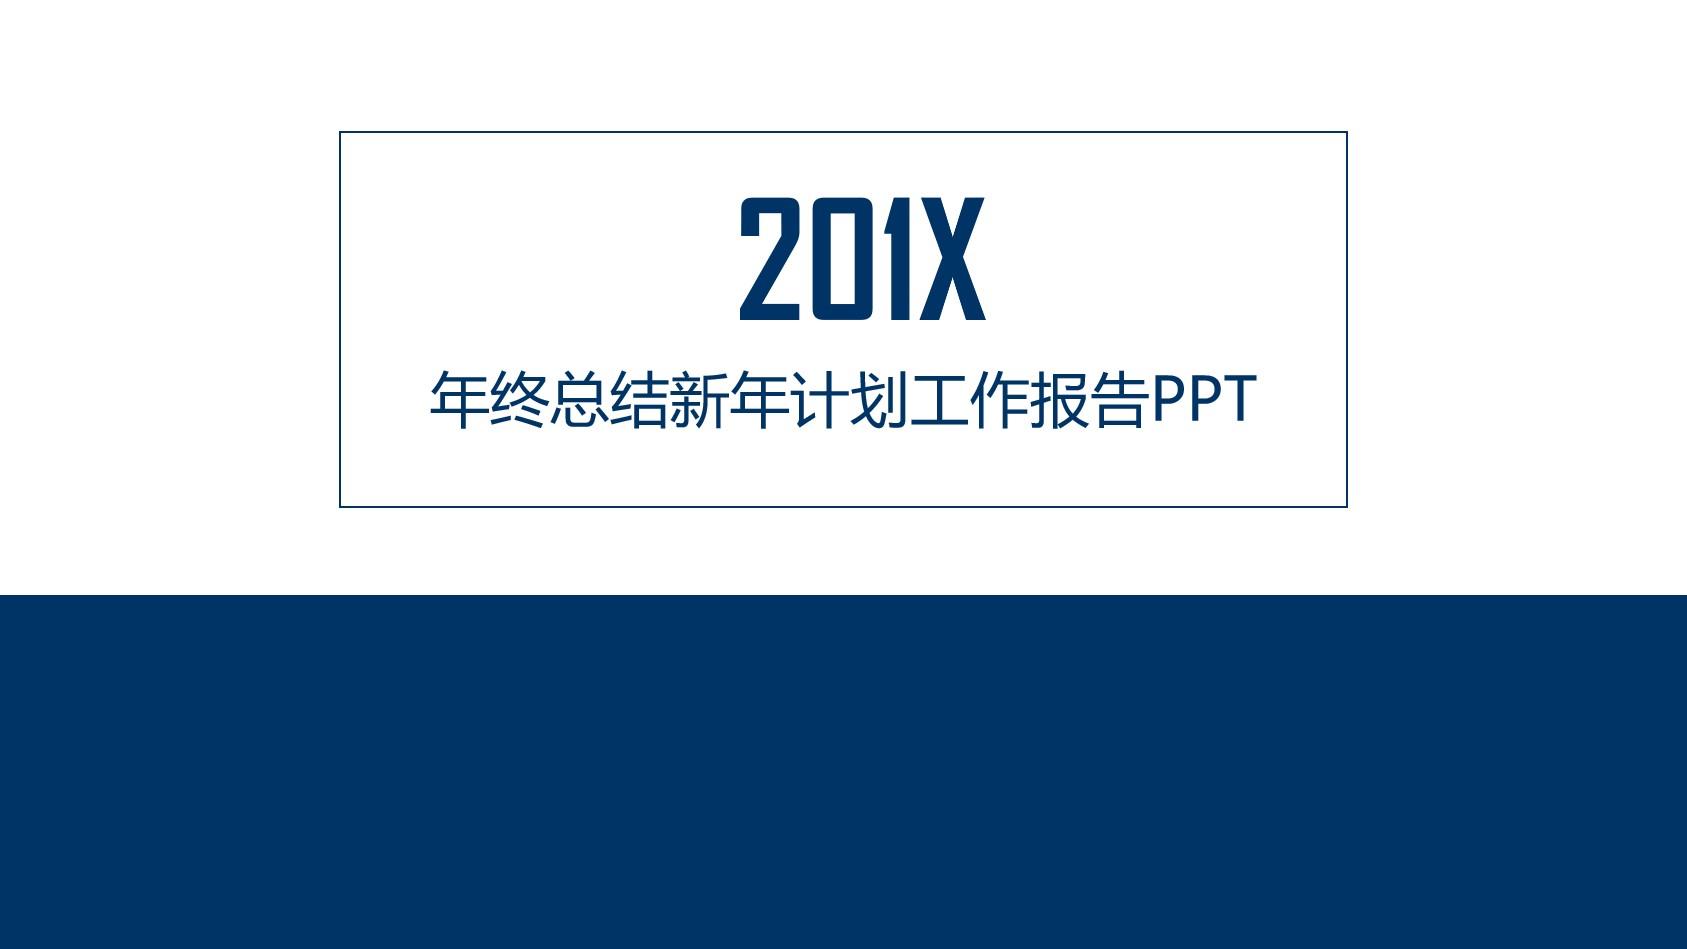 蓝色极简风格的工作计划PPT模板